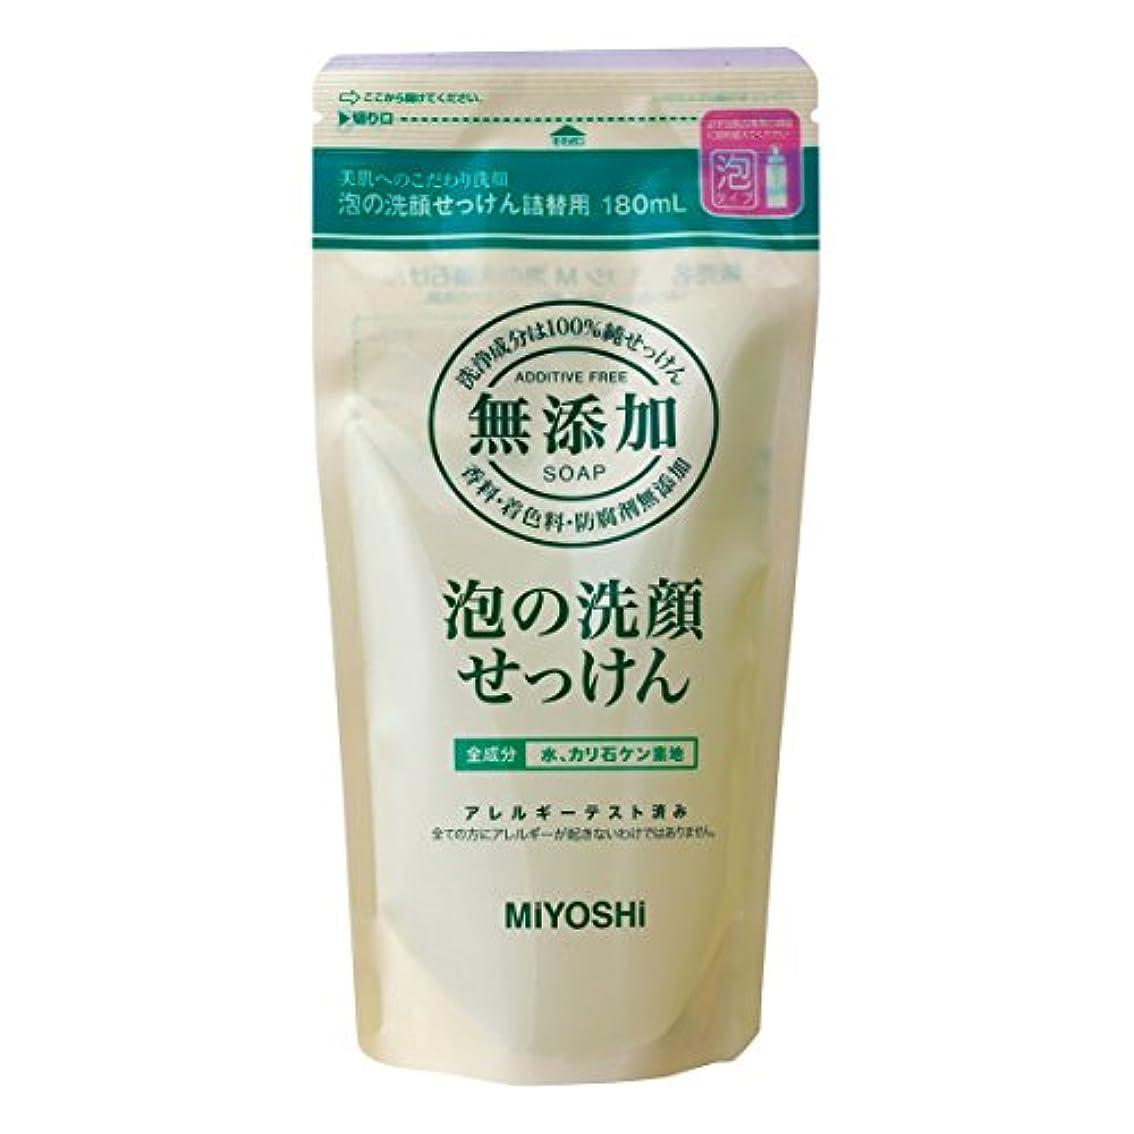 傾向があります浪費安全でない無添加泡の洗顔せっけん 詰替180ml